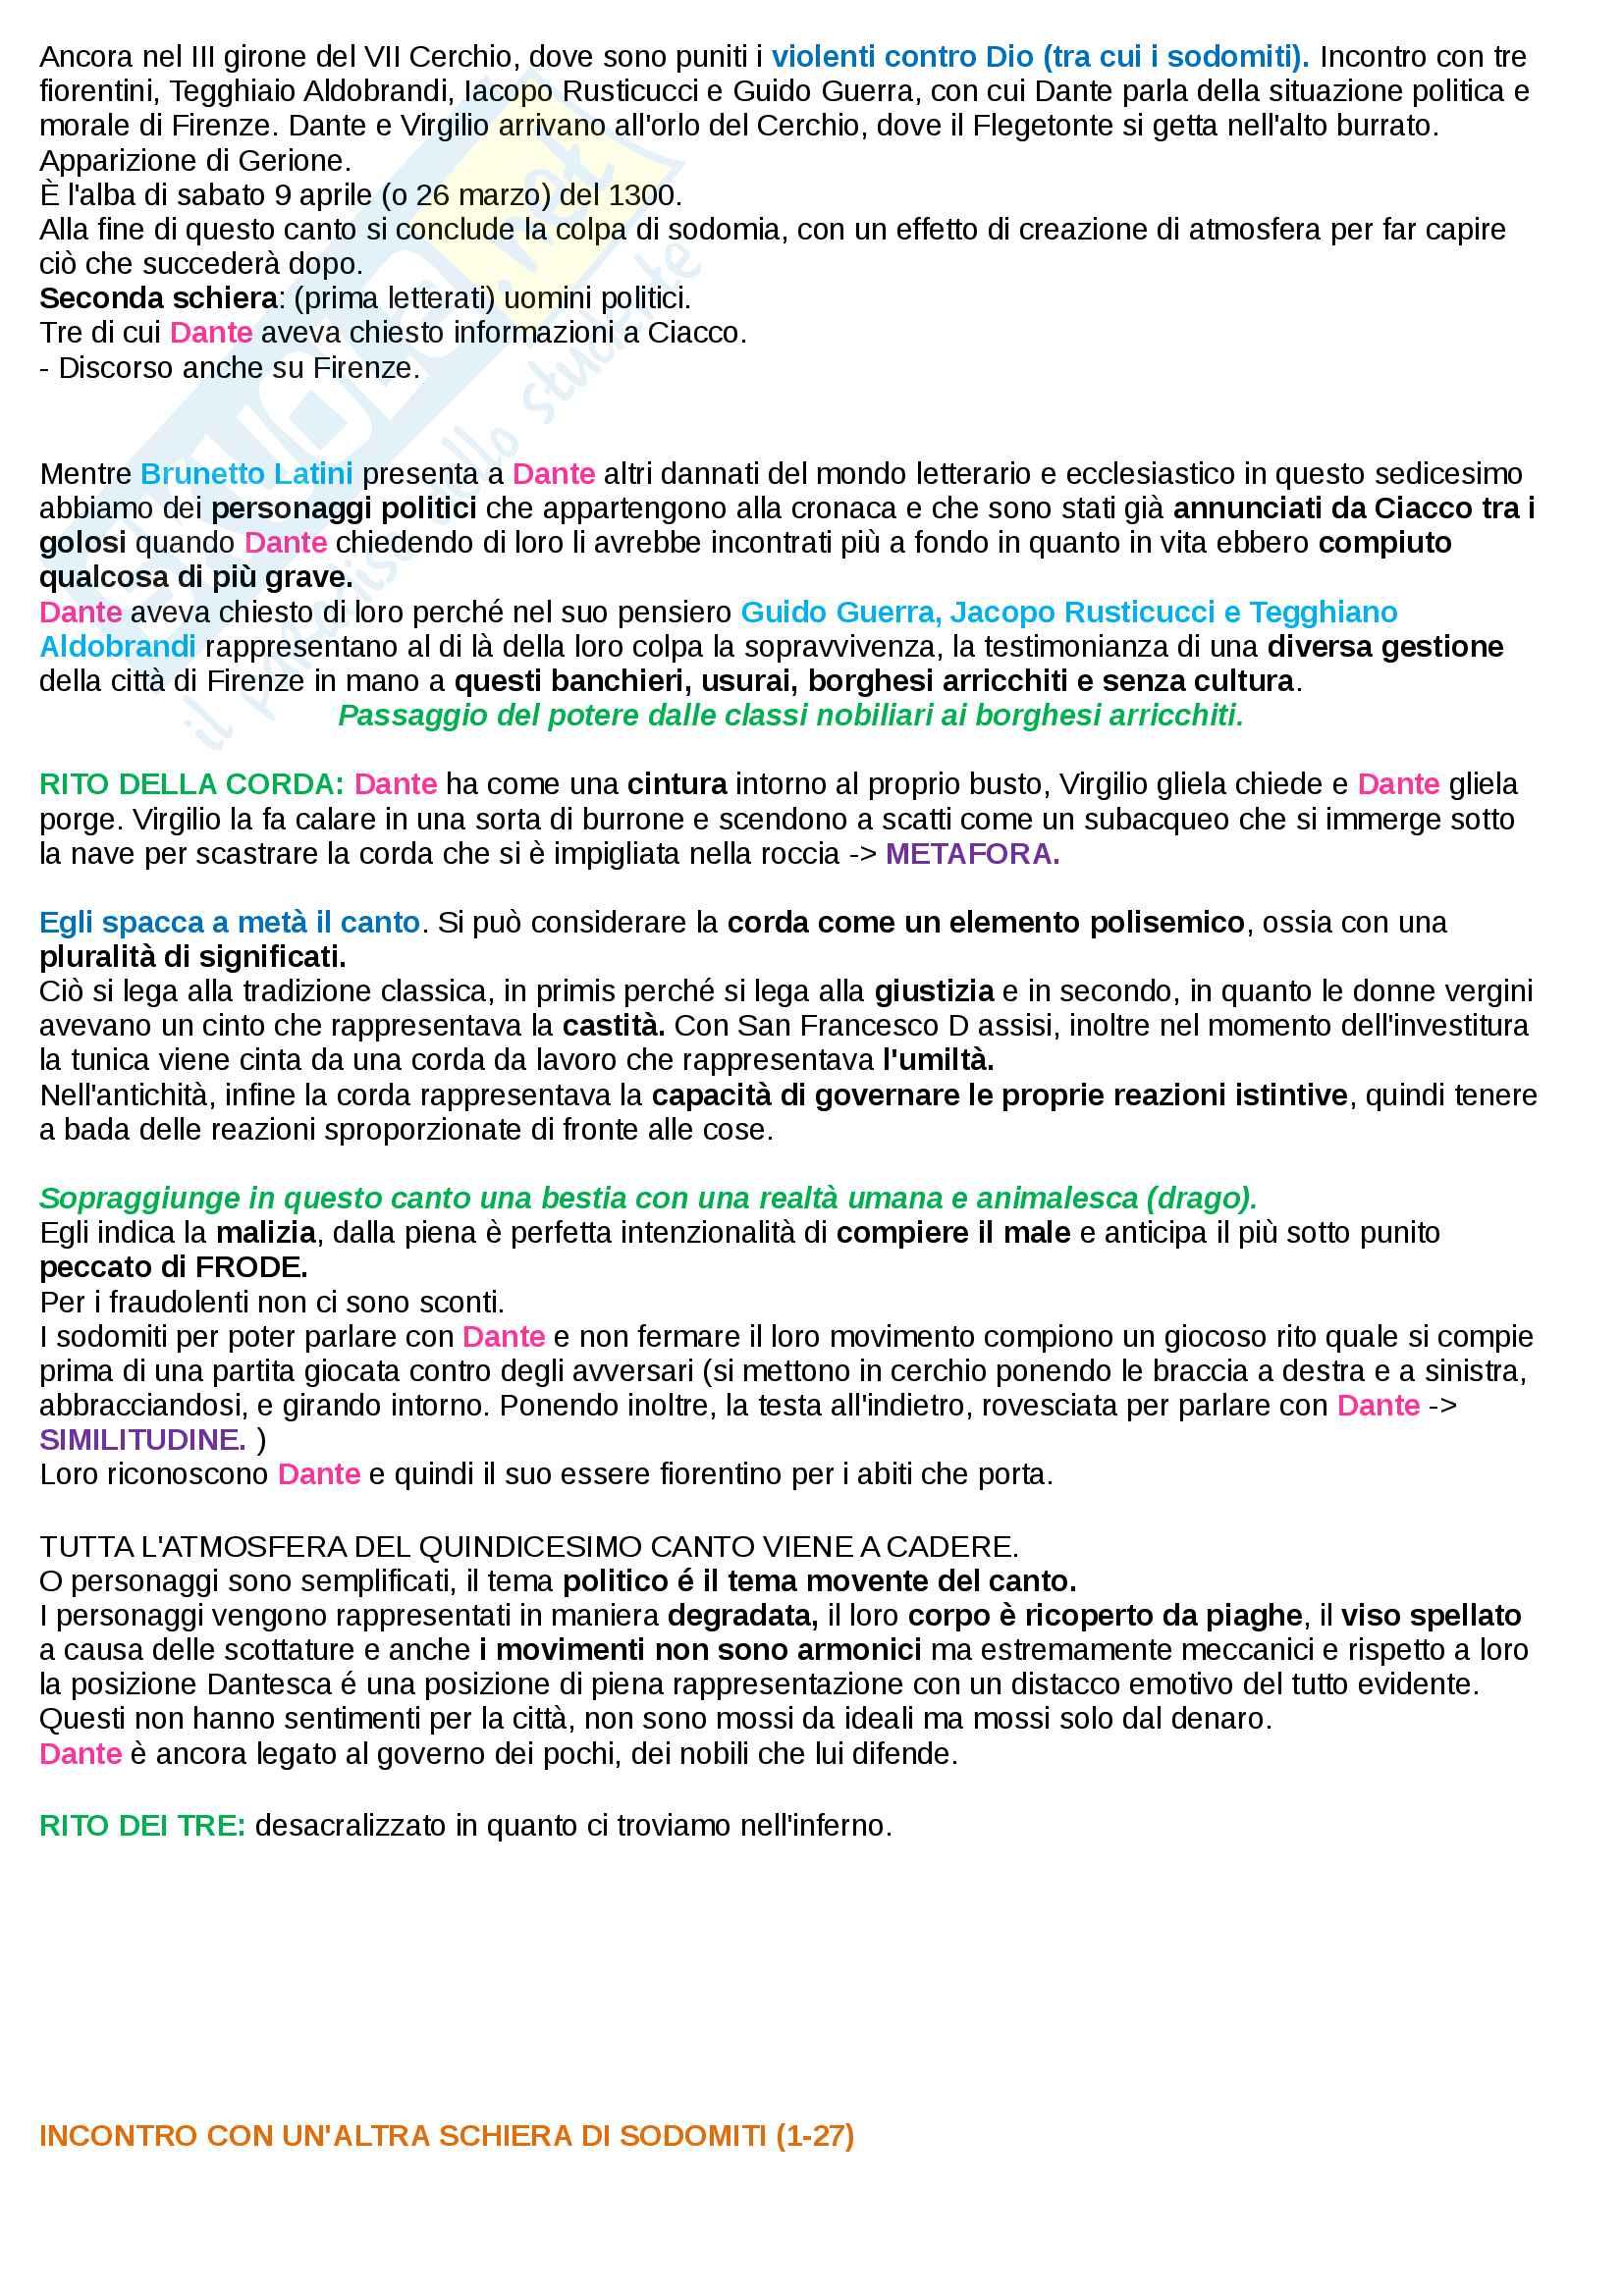 Riassunto esame Letteratura Italiana I, Prof. Mattioli. Sintesi ed analisi di tutti i 34 canti dell'inferno della Divina Commedia di Dante Alighieri e rielaborazione personale basata sui libri di riferimento suggeriti dal docente Pag. 56